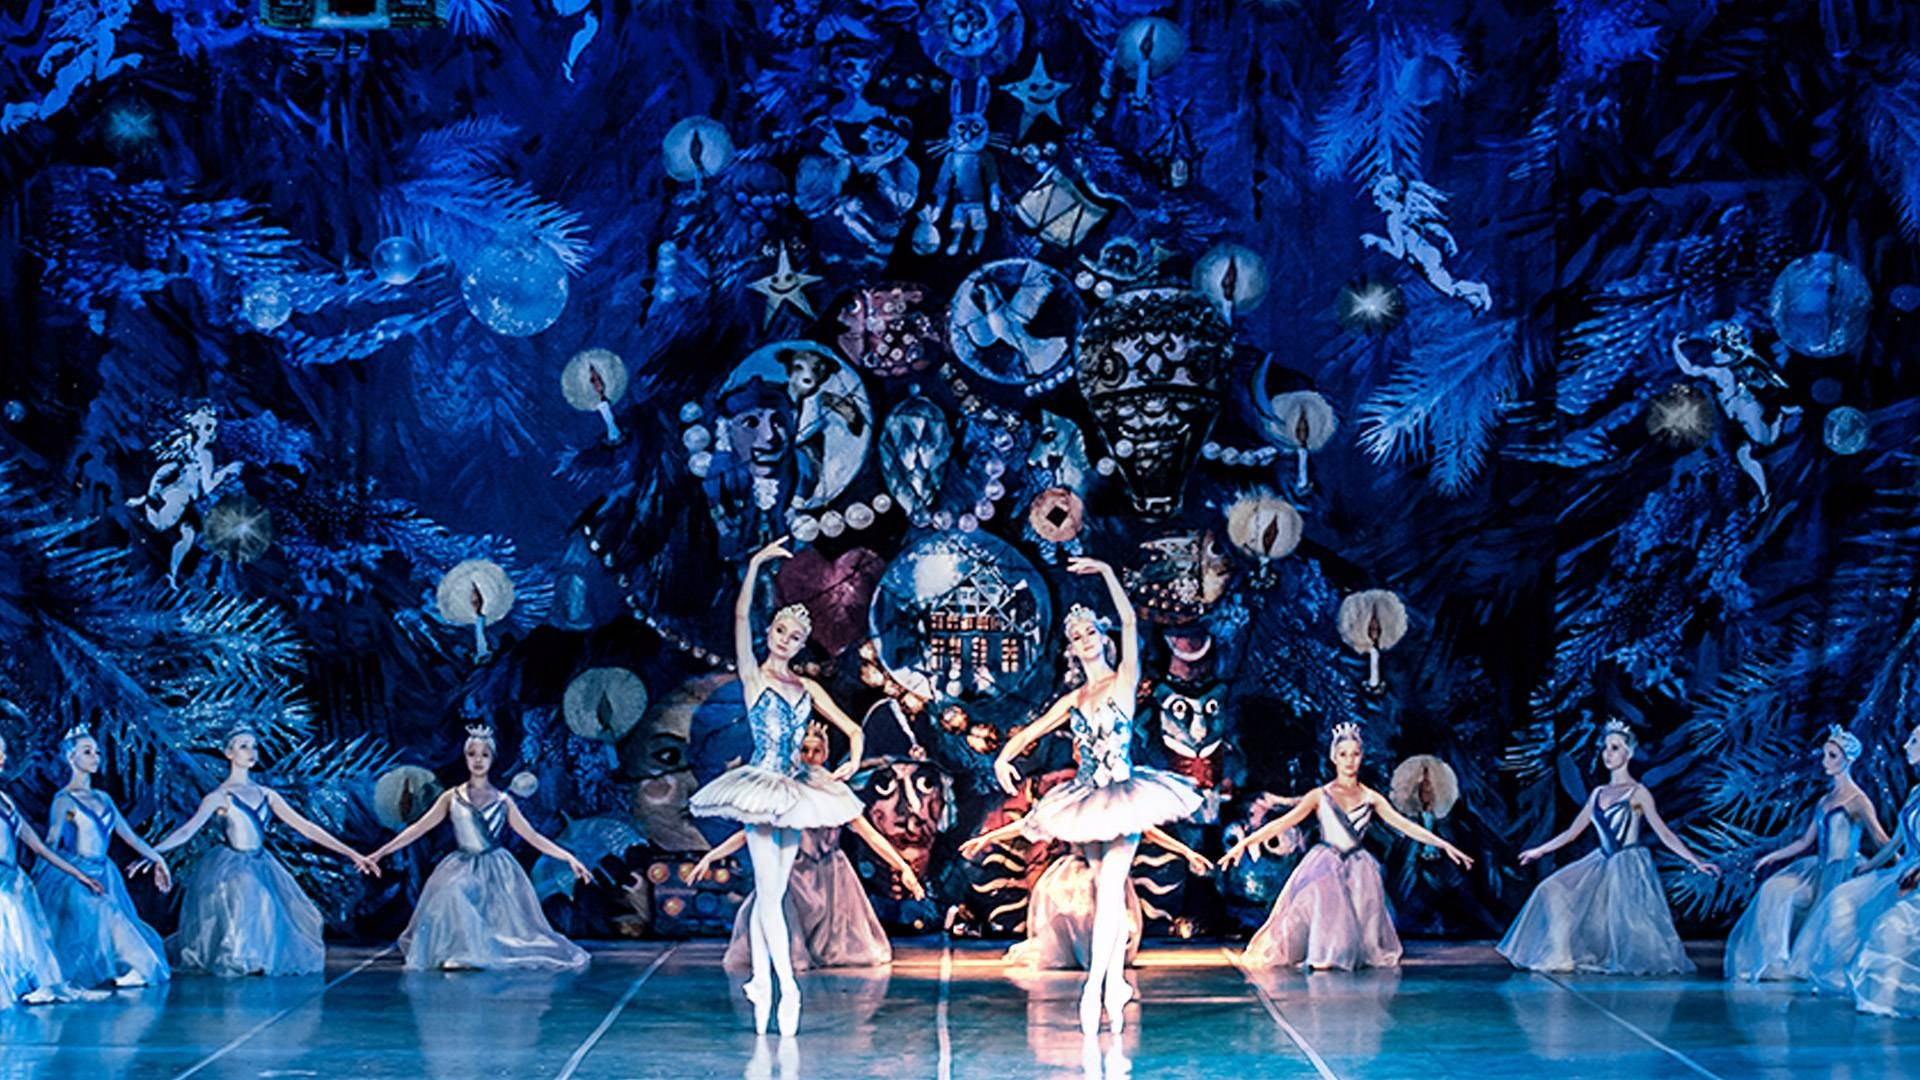 Щелкунчик. Государственный академический театр классического балета Н. Касаткиной и В. Василева